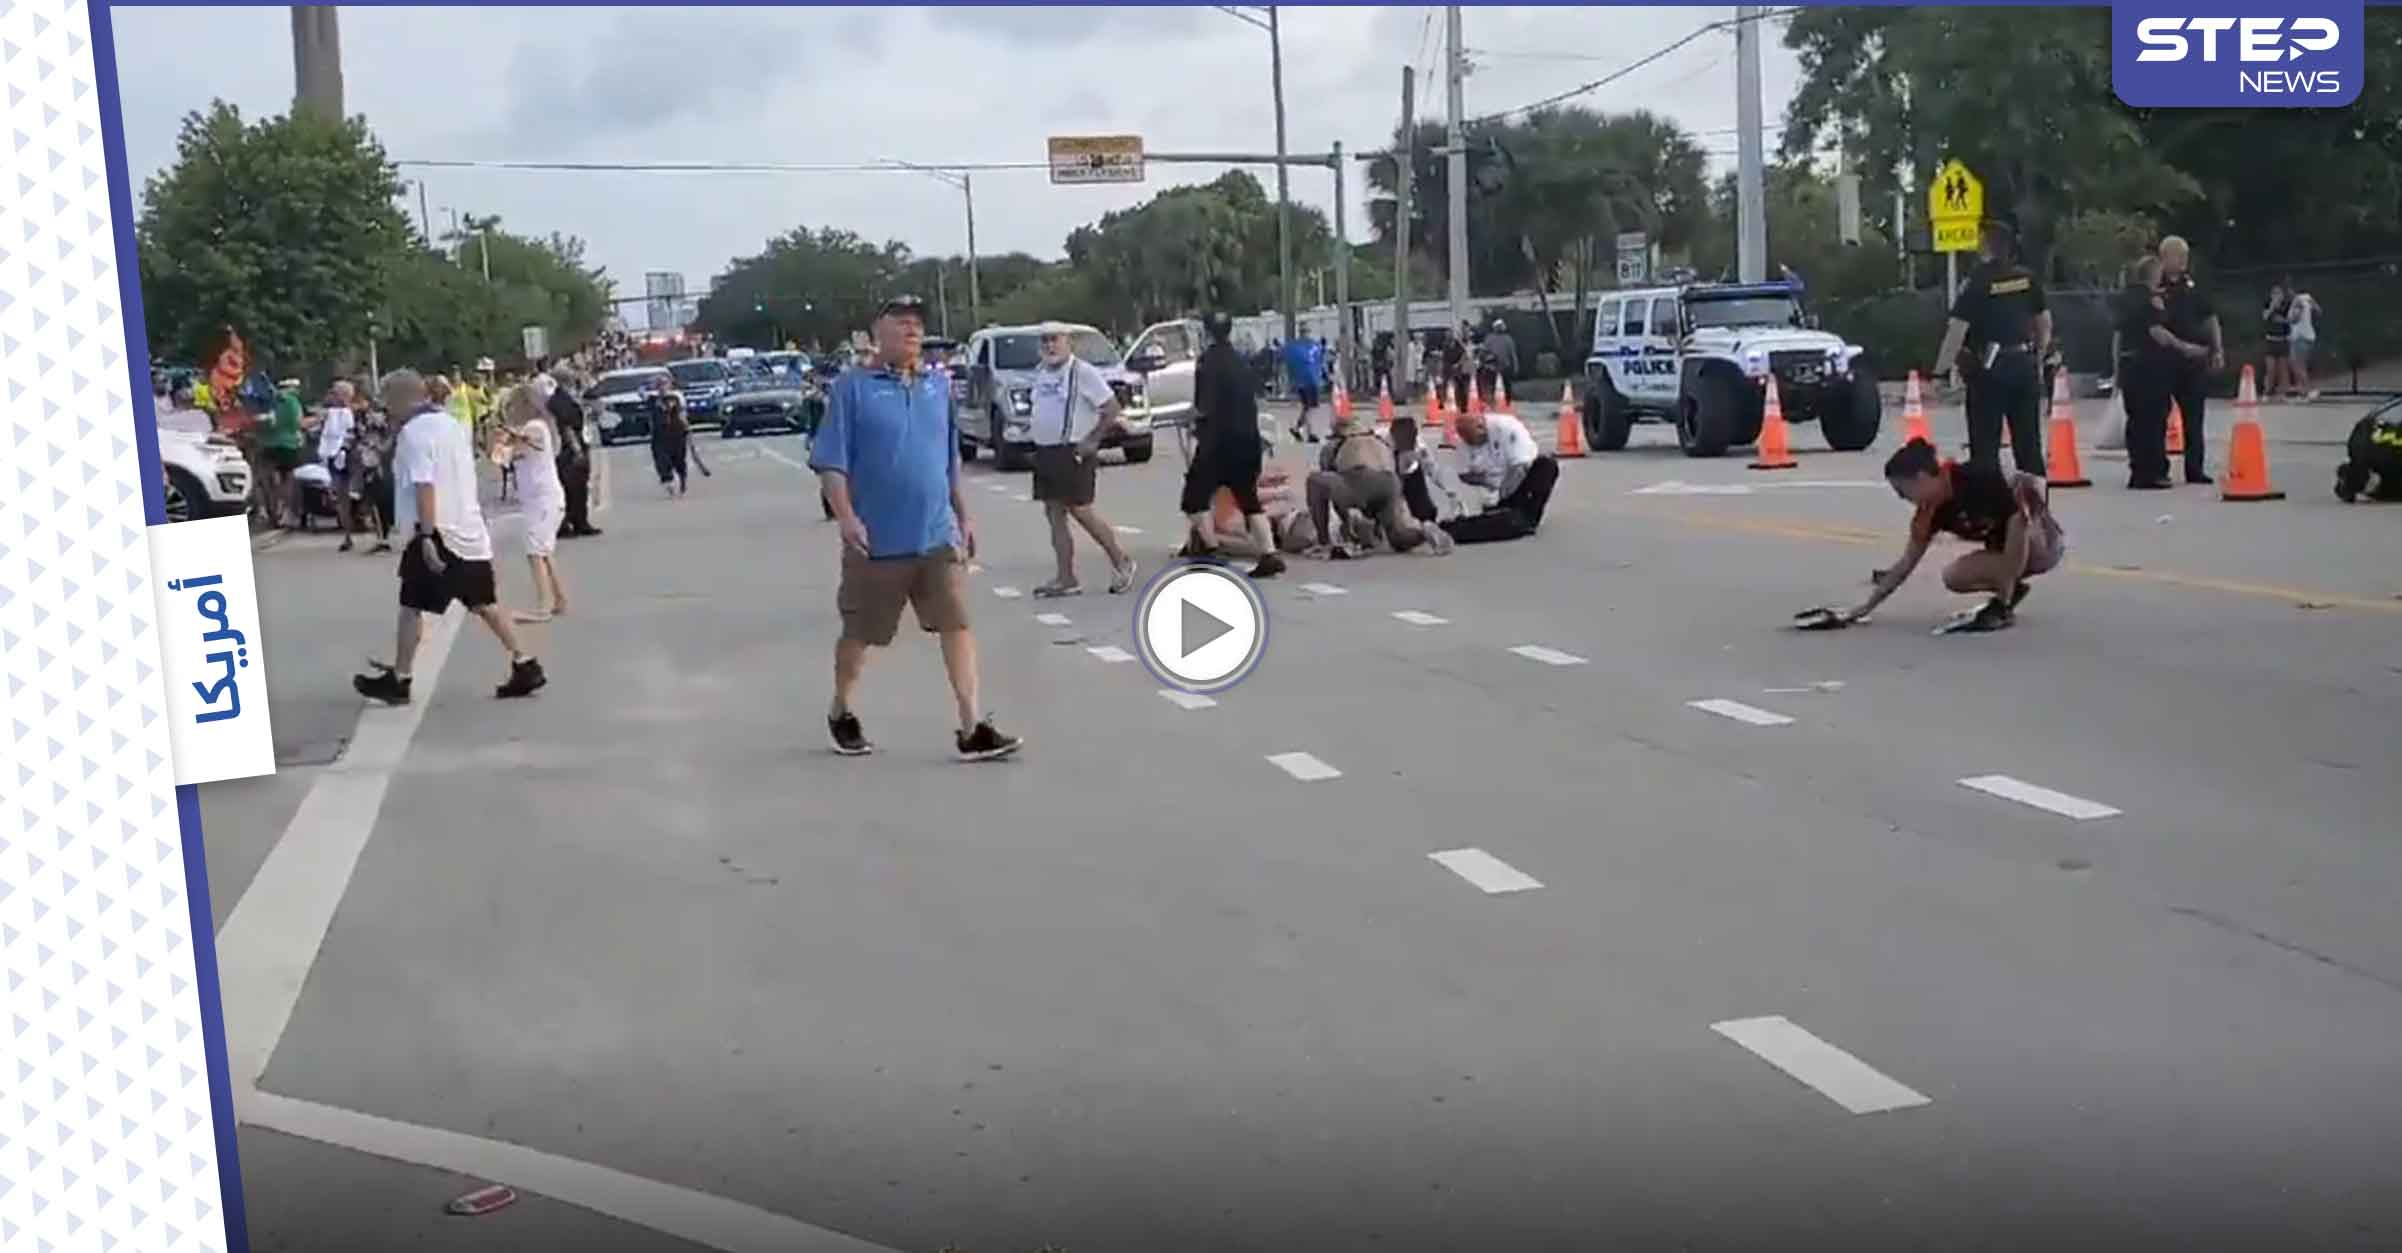 بالفيديو || مقتل شخص وإصابة آخر بدهس شاحنة لمسيرة مثليين في فلوريدا